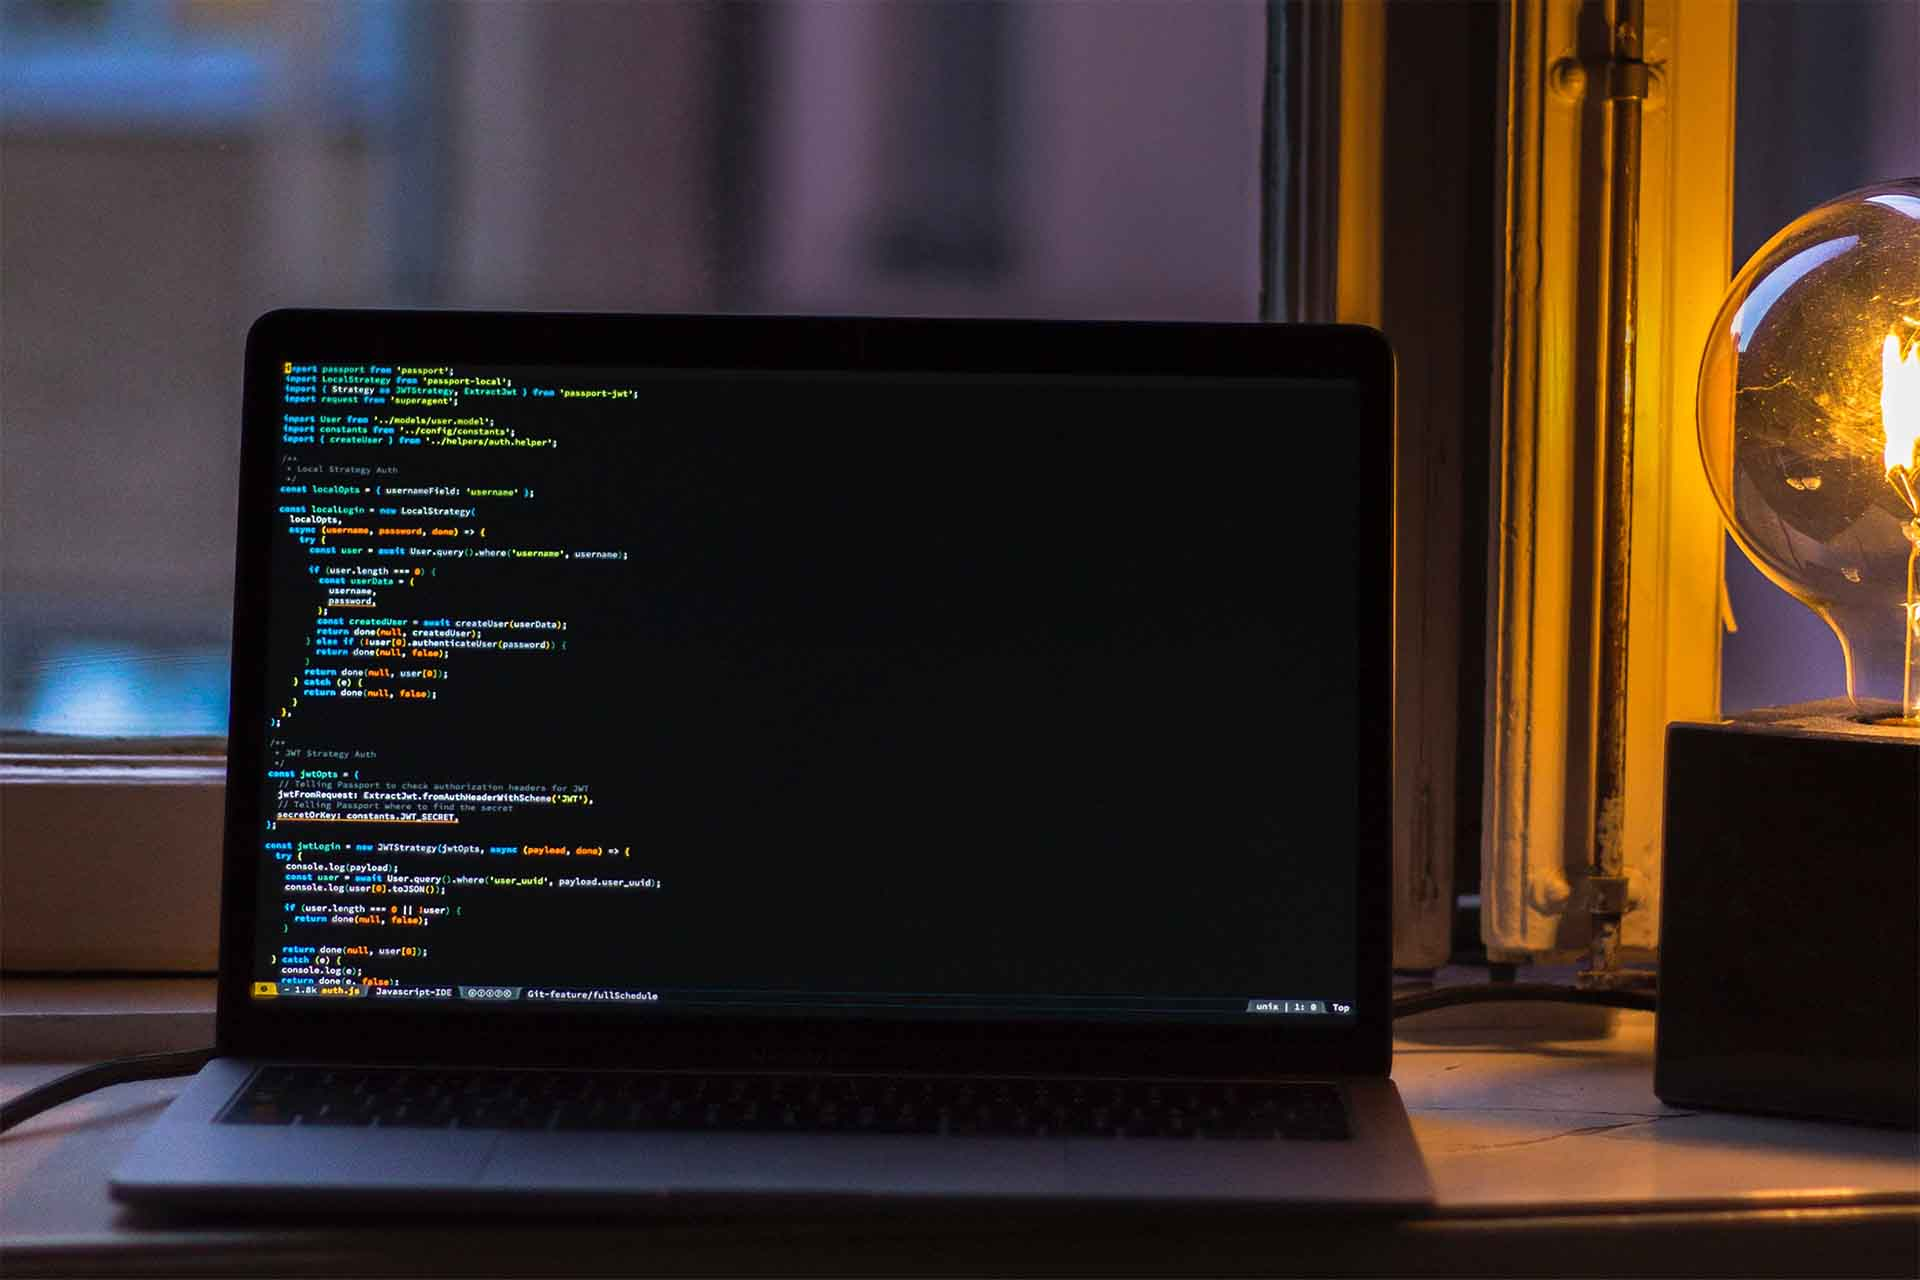 Webanwendung im lokalen Netzwerk zugänglich machen